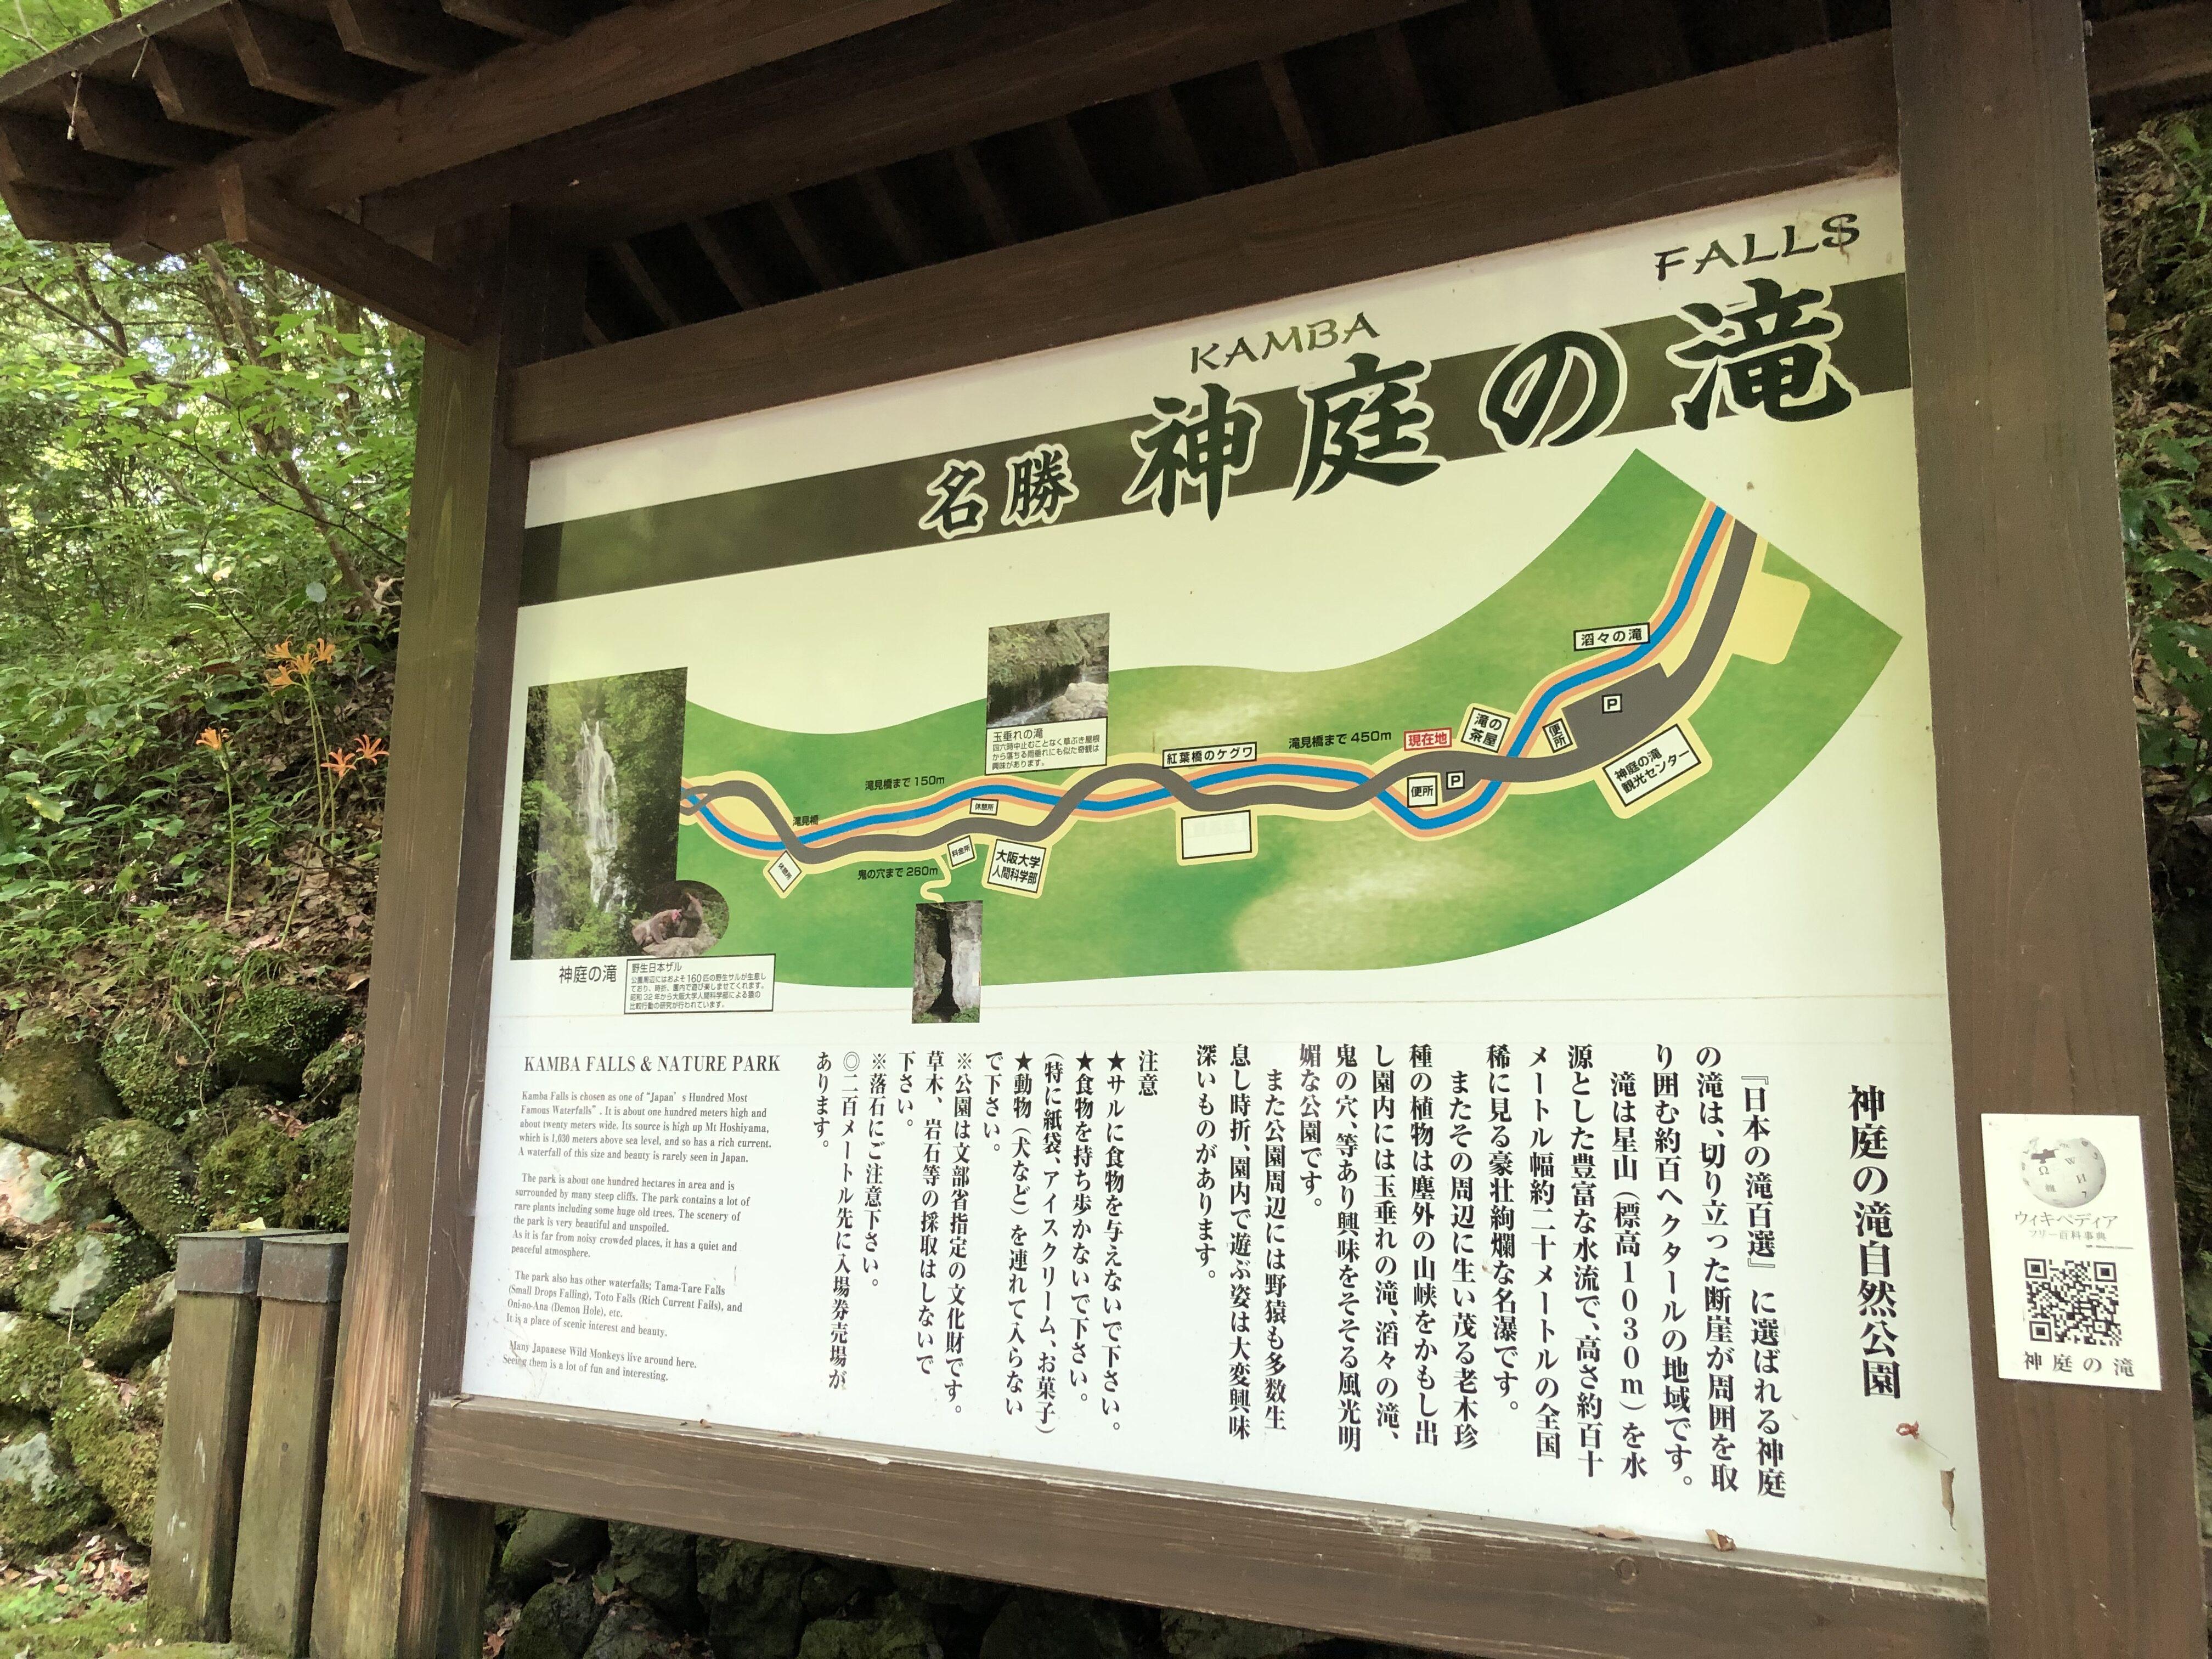 観光リポート~「神庭の滝(かんばのたき)」カラダ全体でマイナスイオンを浴びられる、西日本屈指の名瀑。おかやまイチオシの避暑地!~